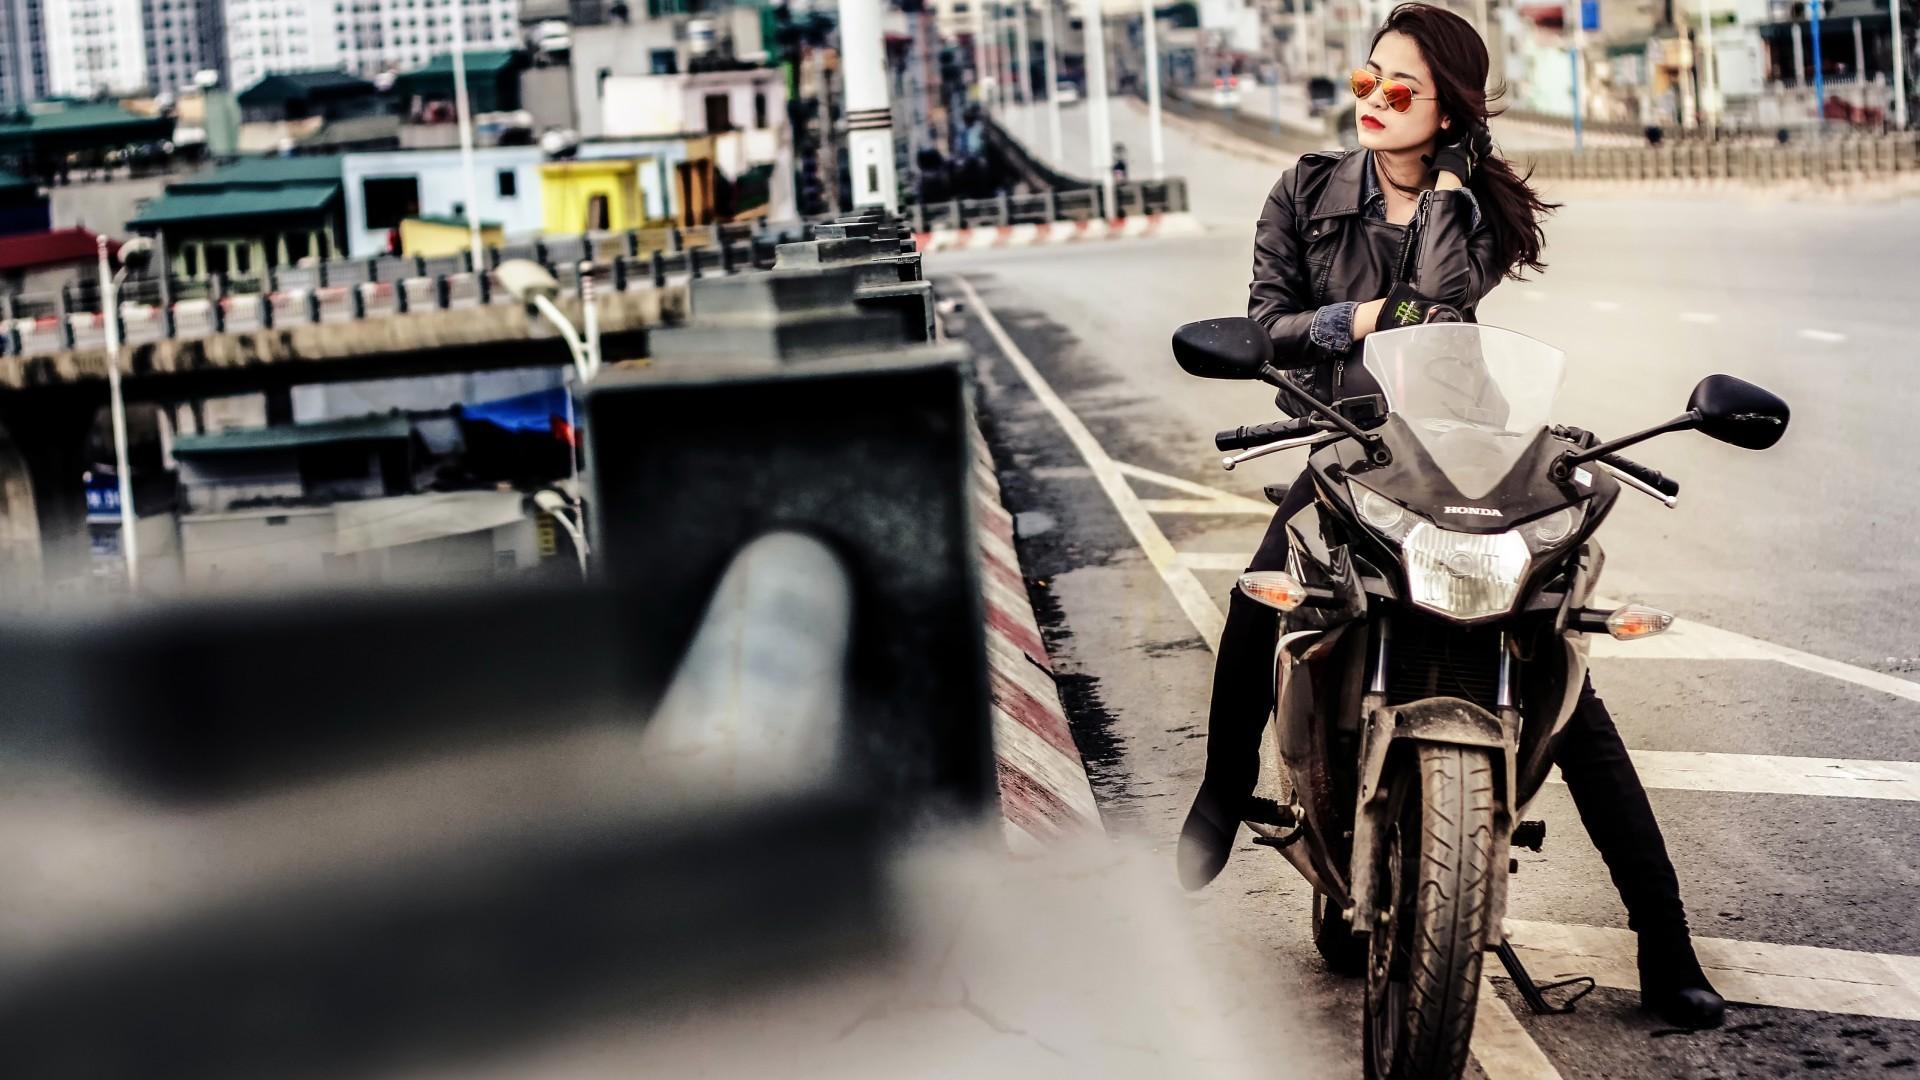 Брюнетка и мотоцикл фото